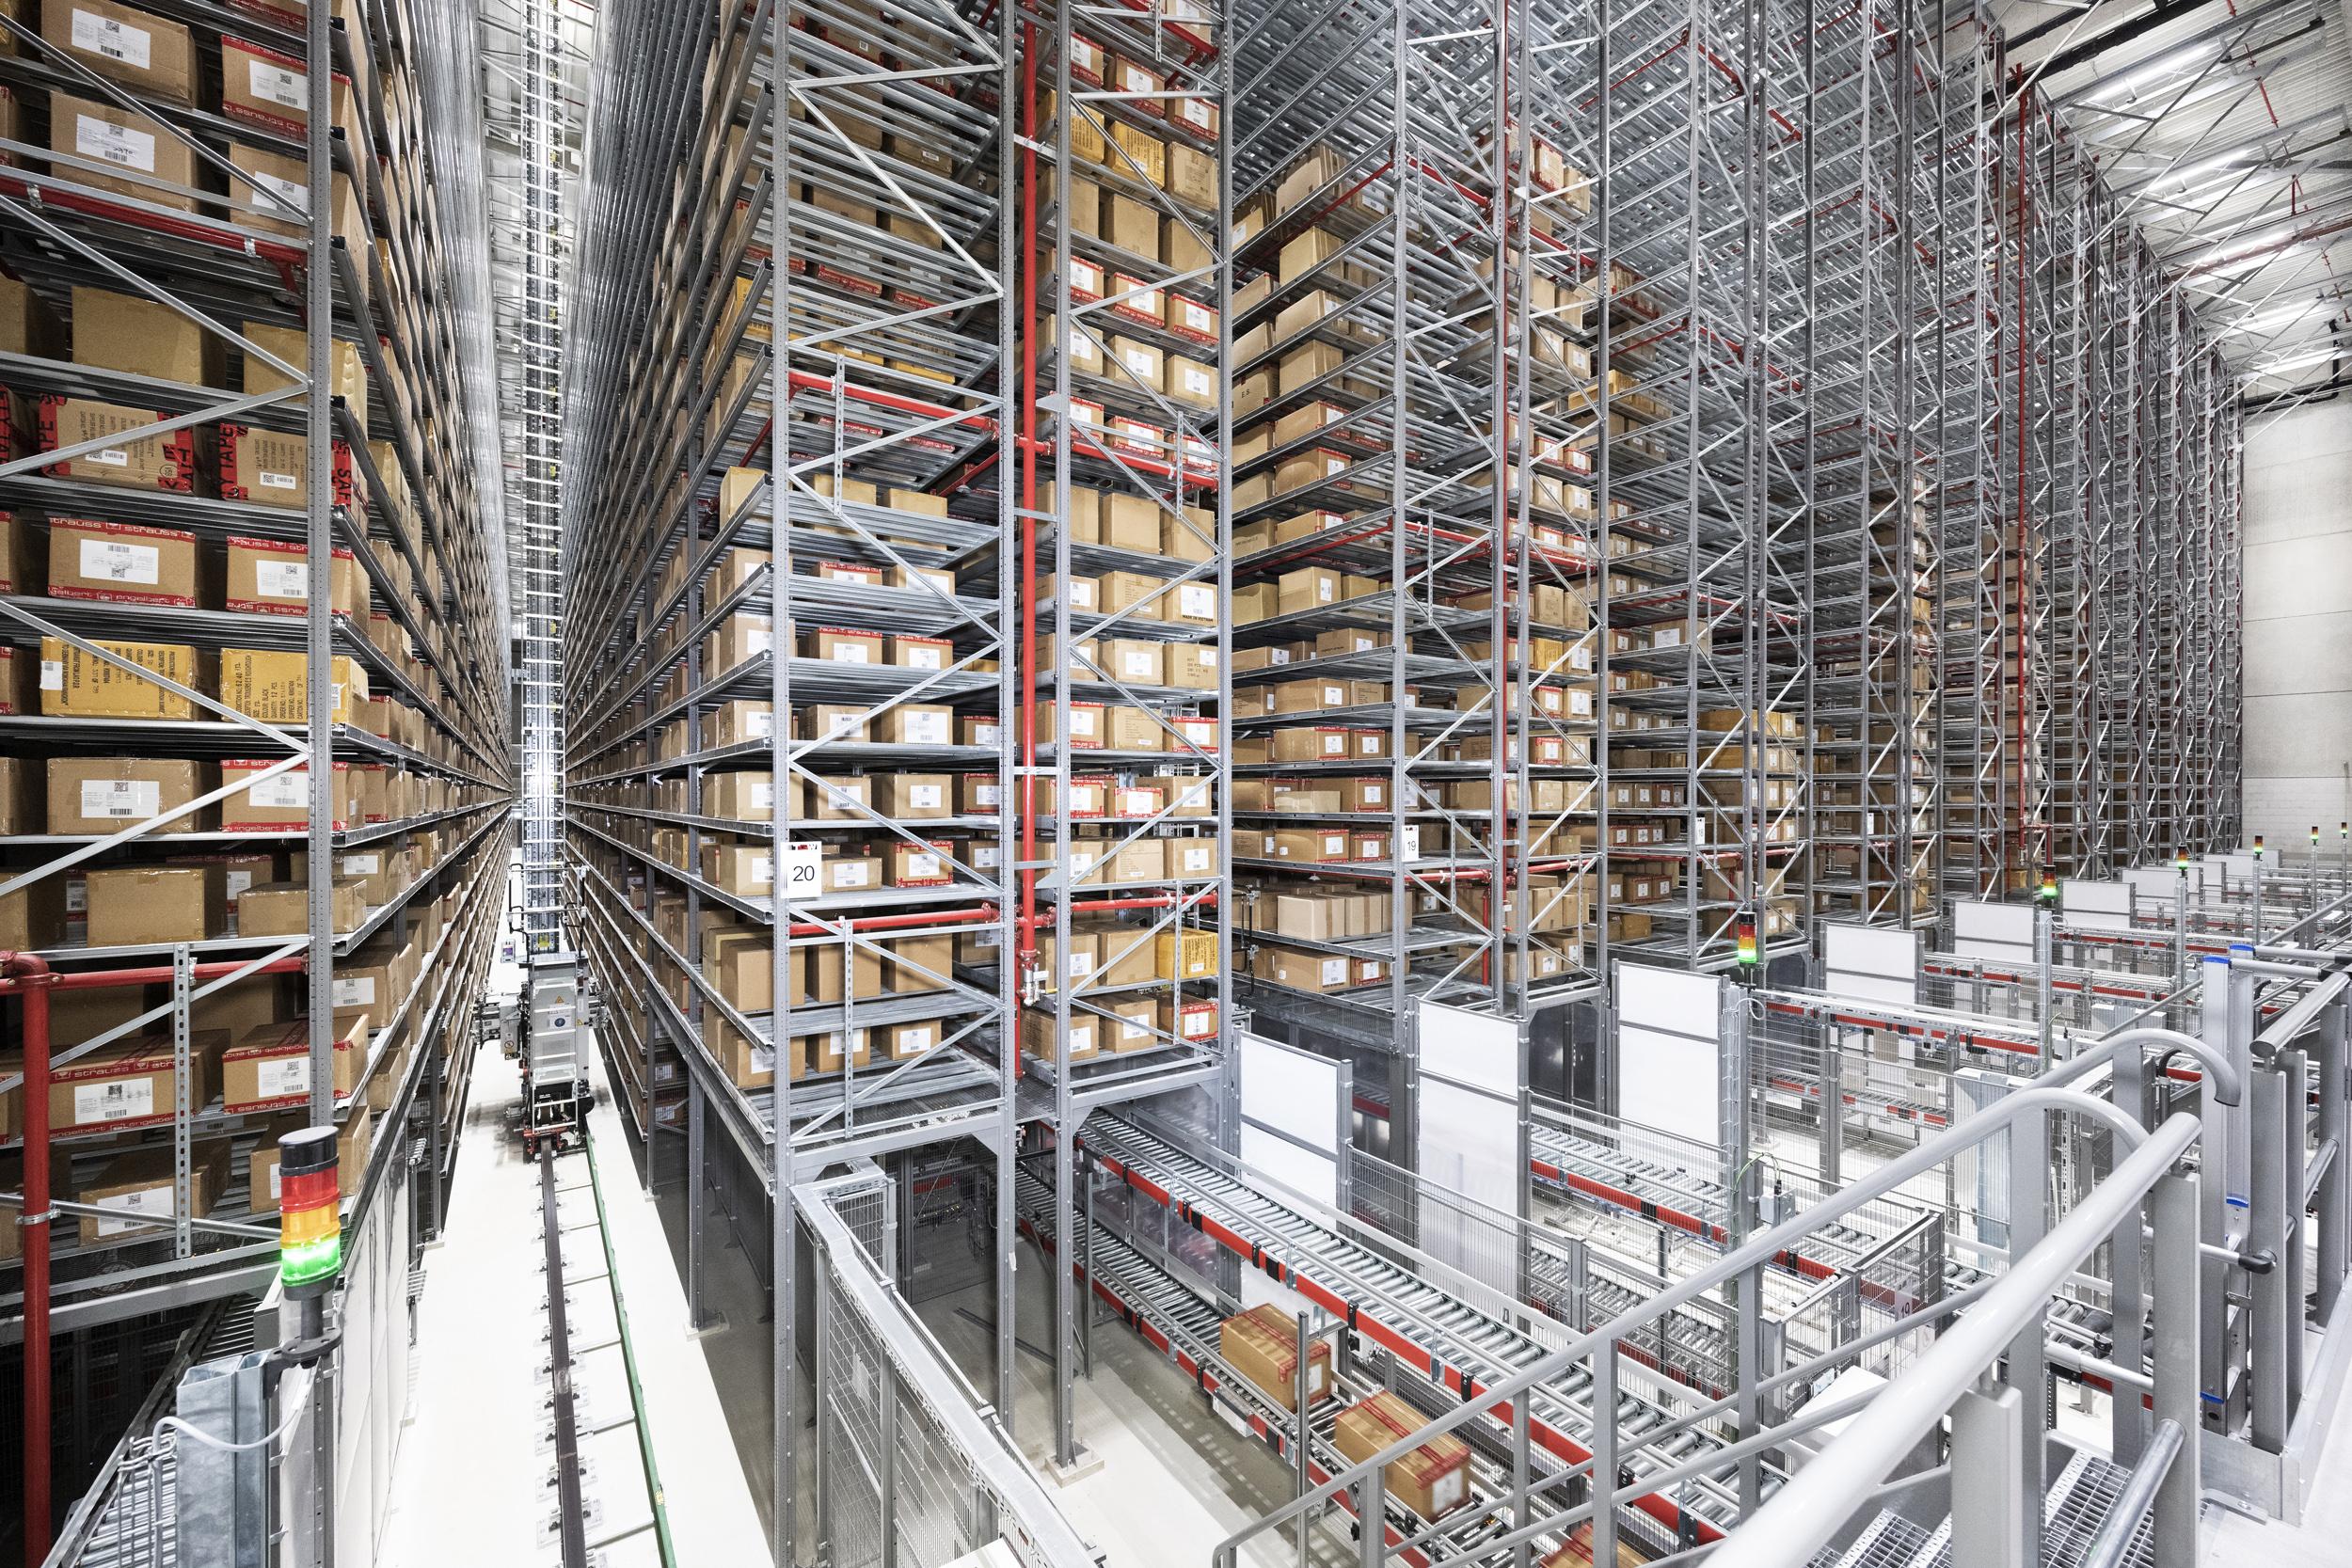 (Bild: TGW Logistics Group GmbH)